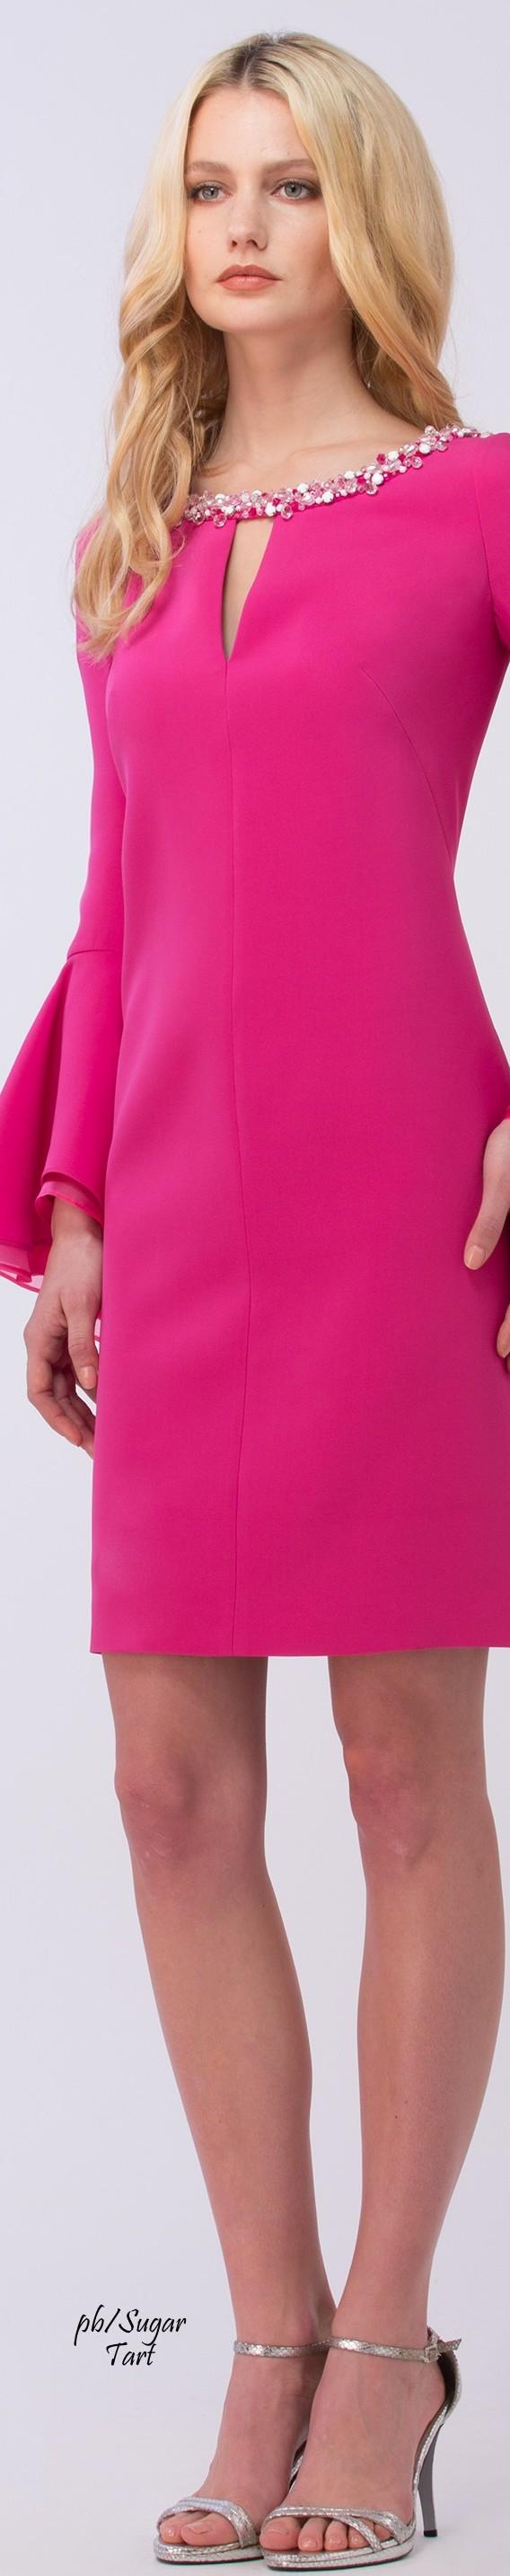 DISEÑO MODERNO | Moda | Pinterest | Diseño moderno, Moderno y Vestiditos